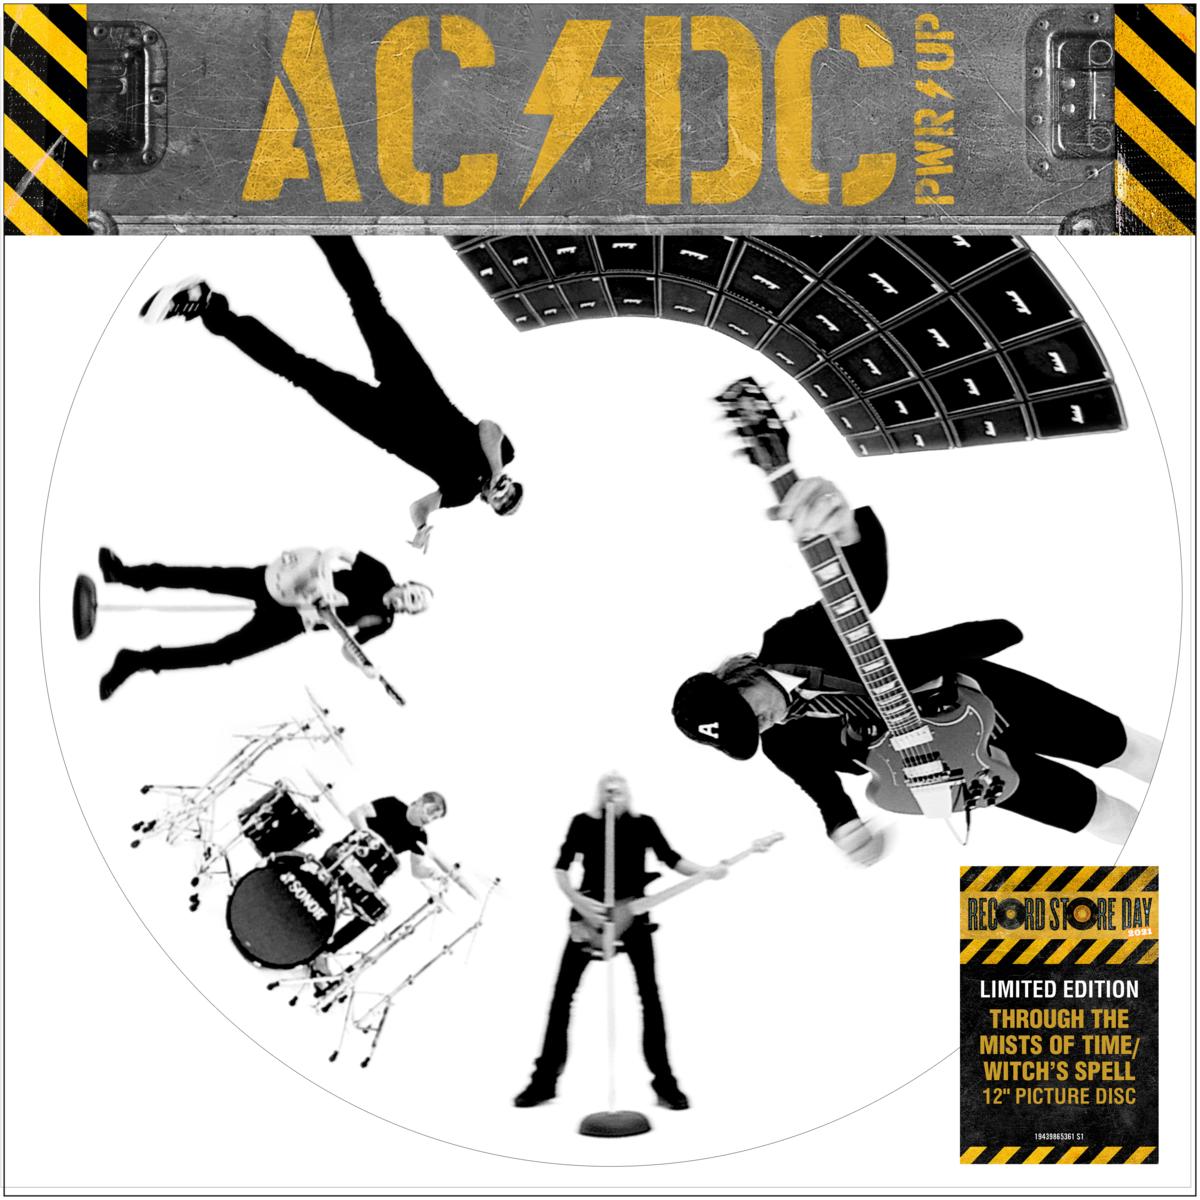 【歌詞和訳】Through the Mists of Time:スロー・ザ・ミスツ・オブ・タイム - AC/DC